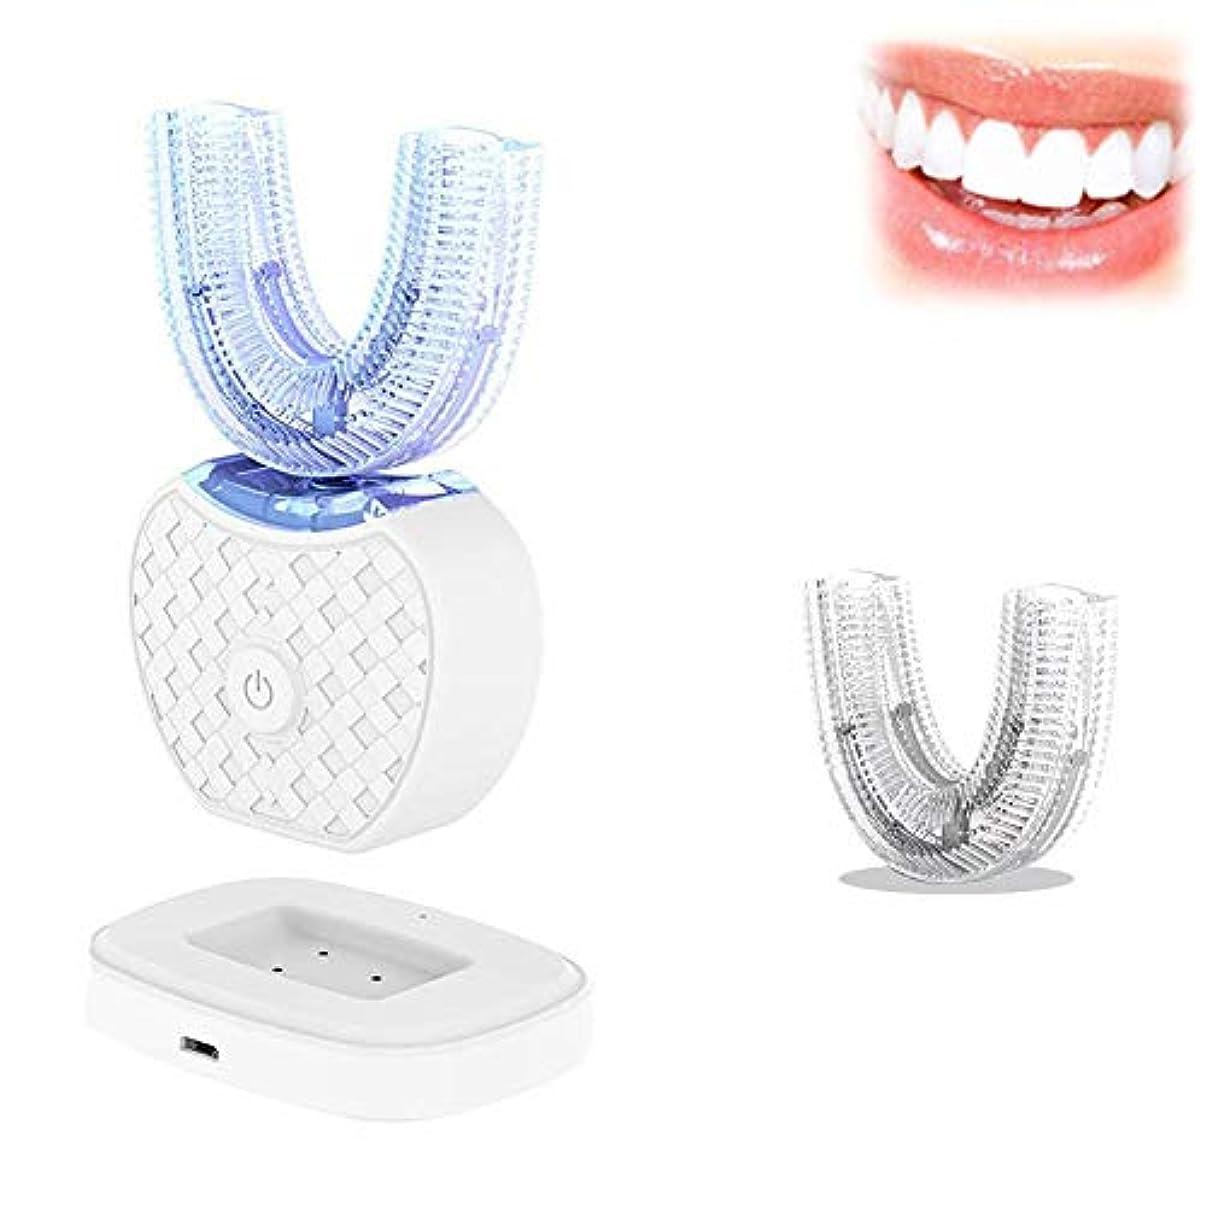 夜間モンキー実際の電動歯ブラシフルオートマチック360°超音波ホワイトニングU型マウスクリーナー充電式ワイヤレスポータブルLEDランプFDA / IPX7 (Color : White)